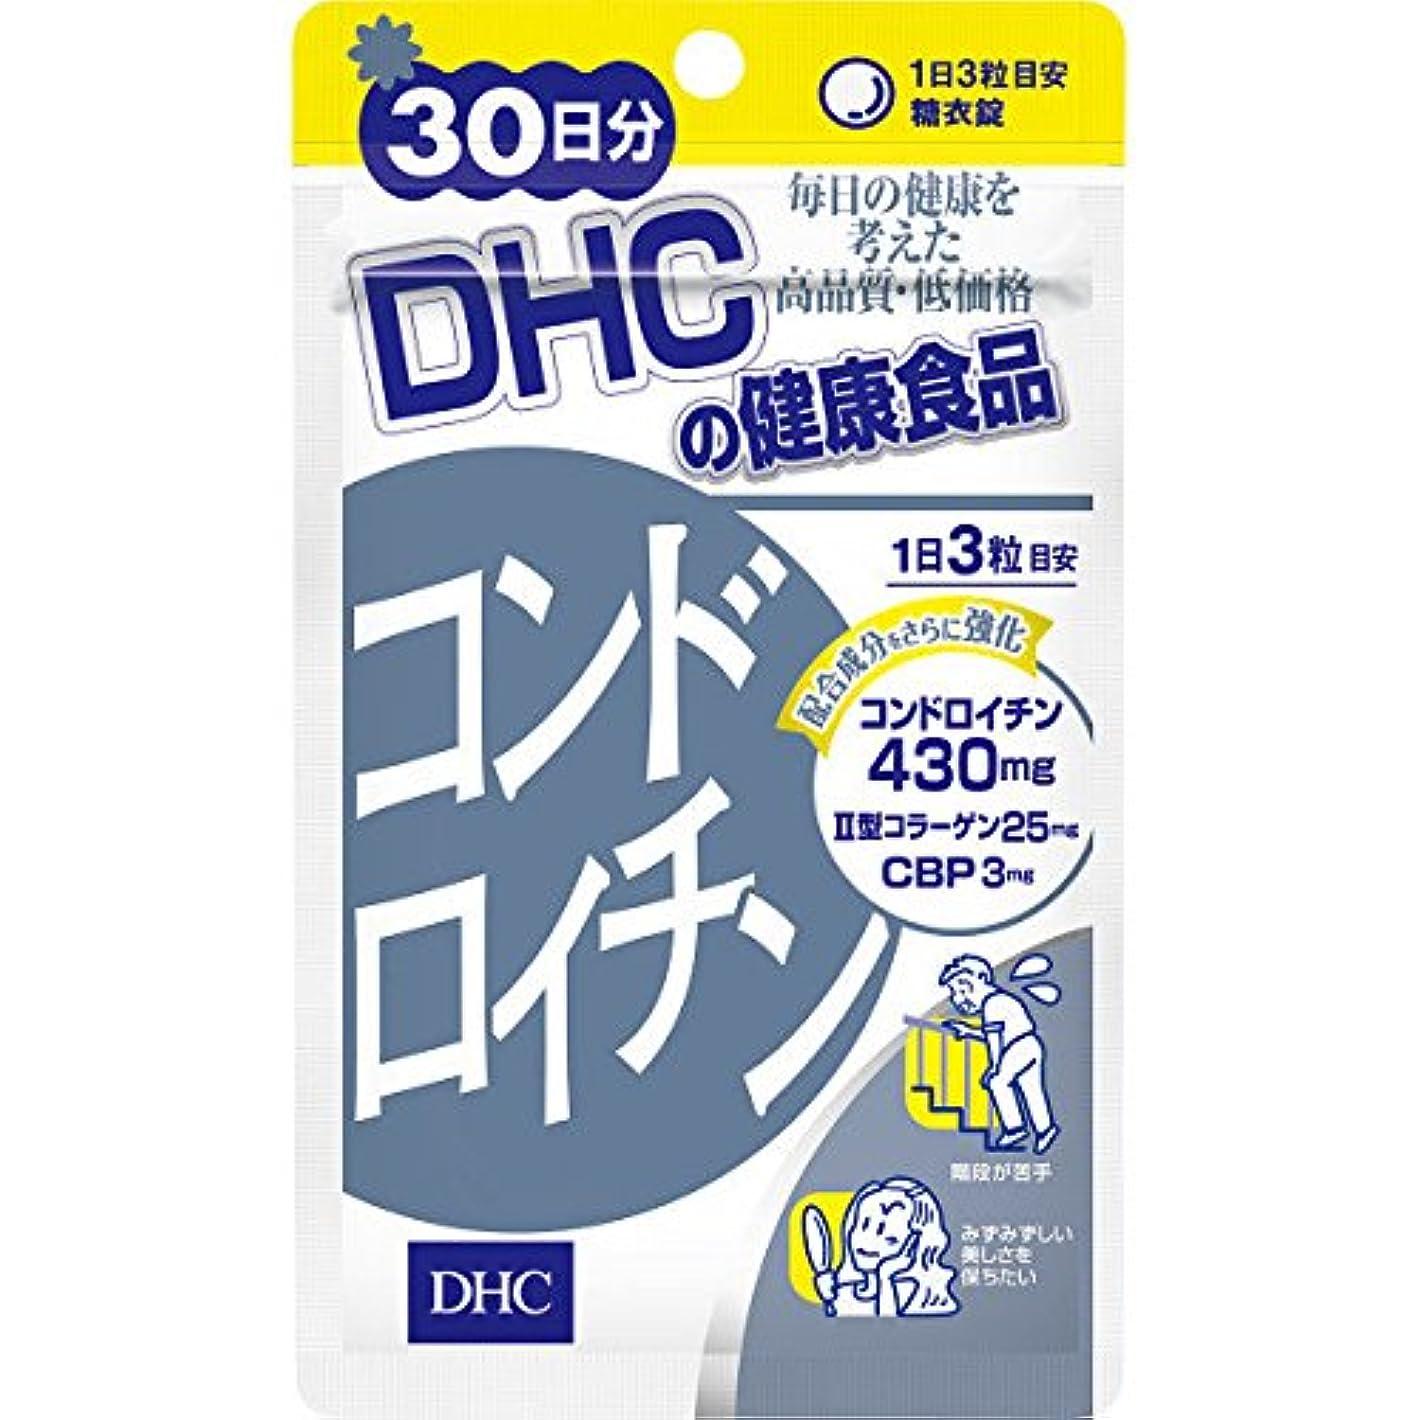 反対する近所の研磨剤DHC コンドロイチン 30日分 90粒